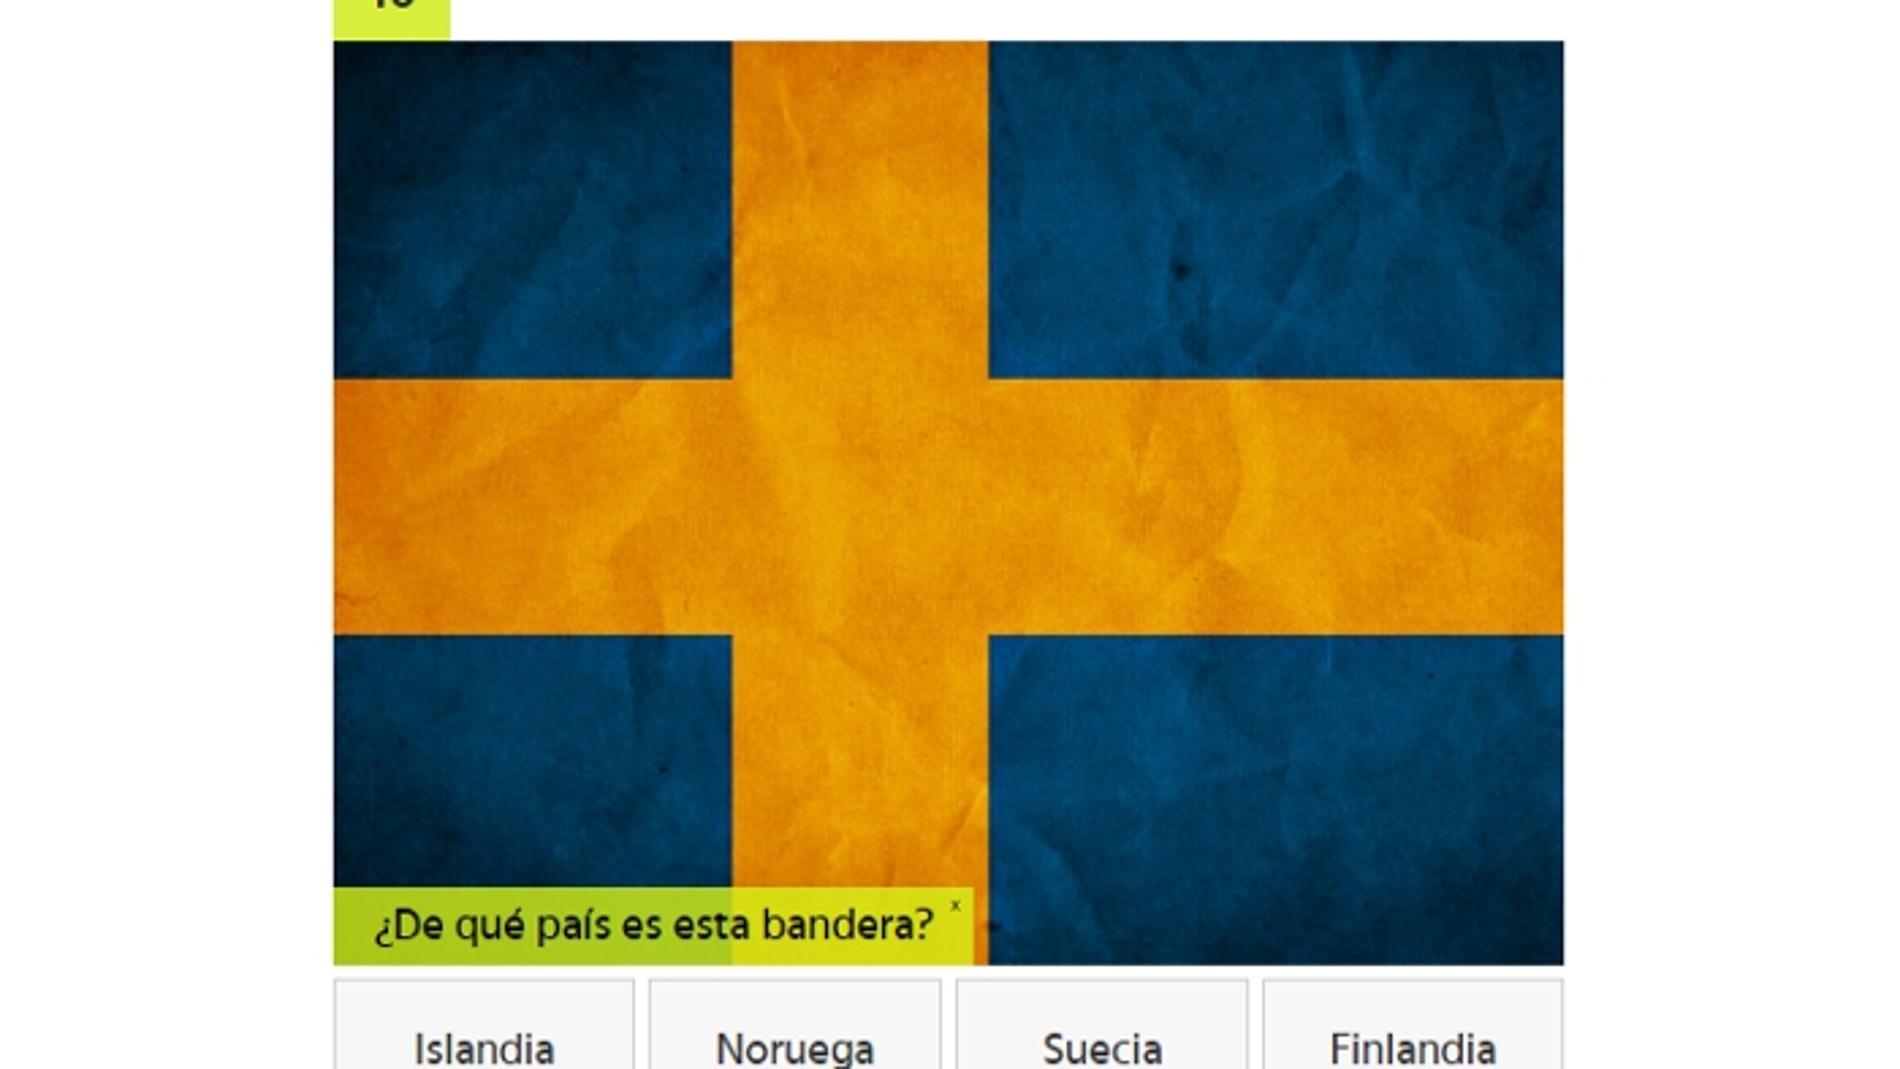 Test de banderas